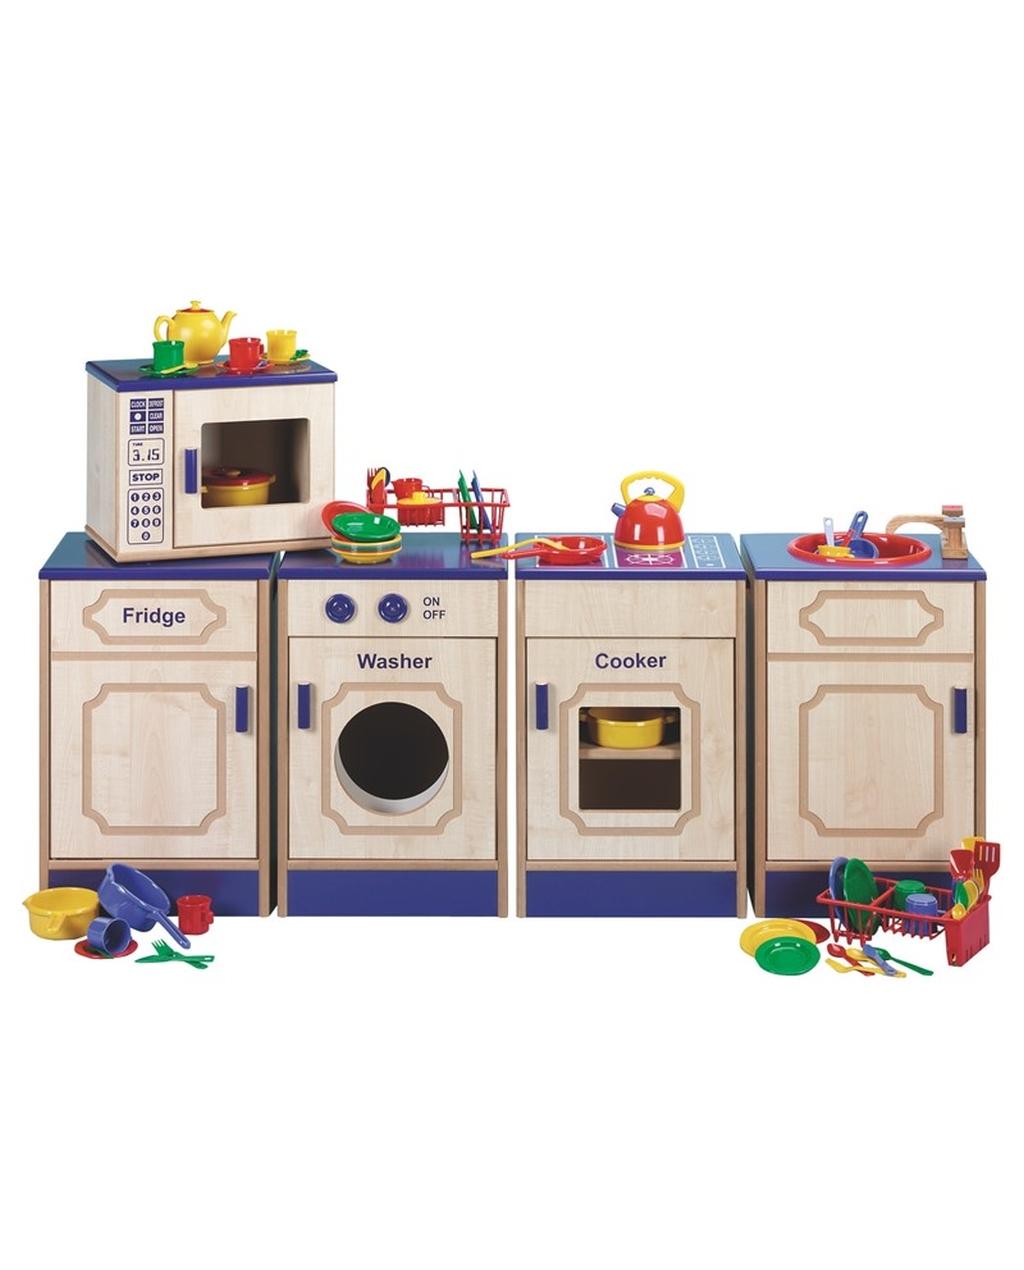 Assembled Kitchen wirh Kitchen Set